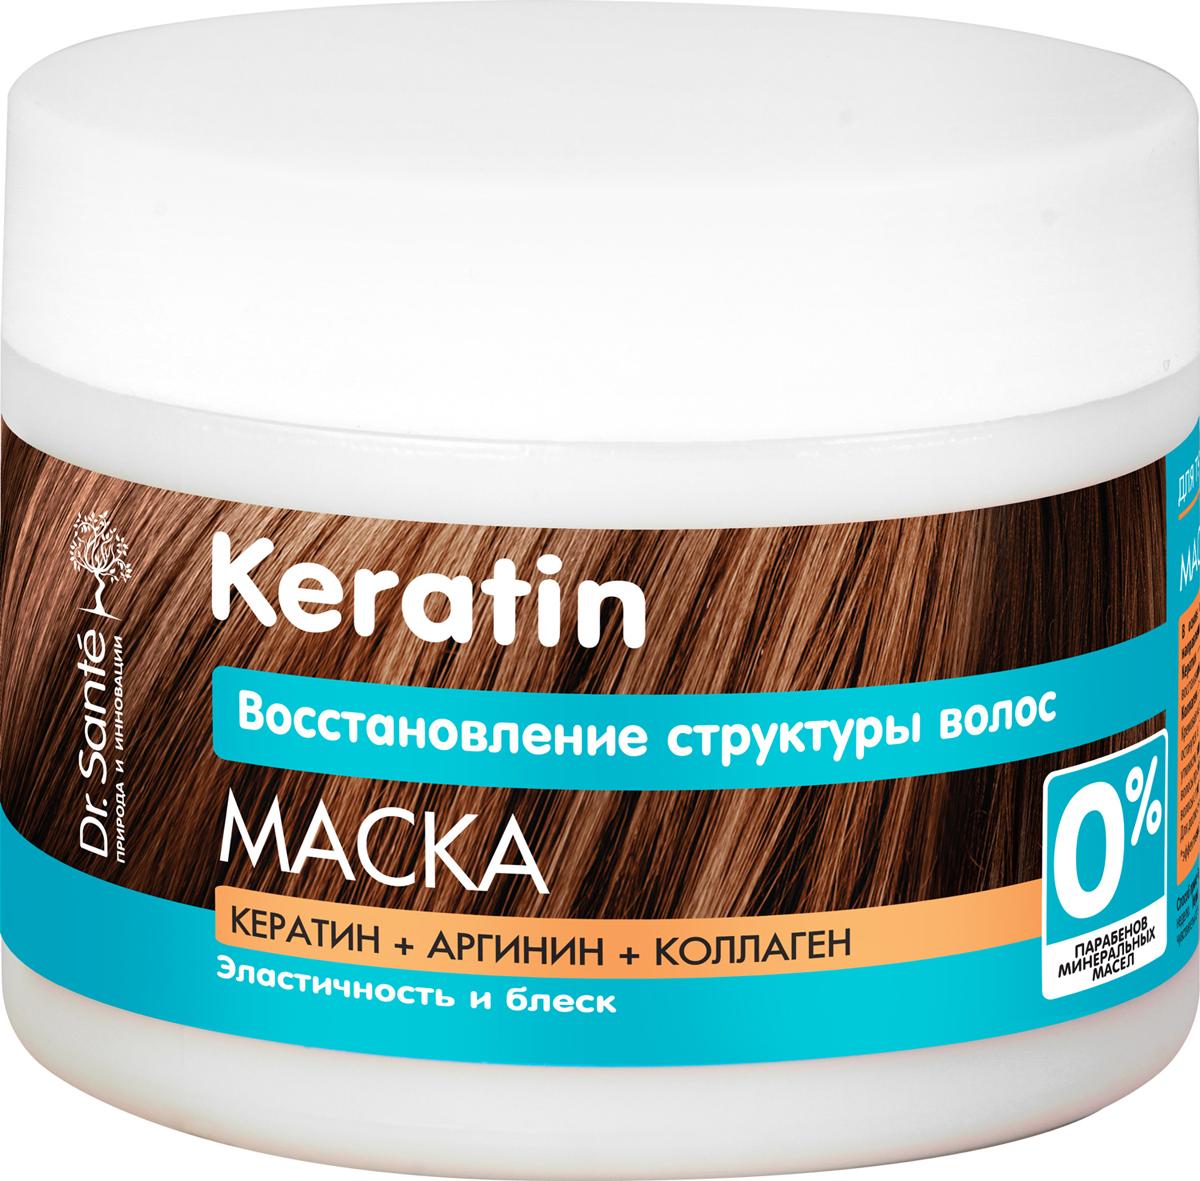 Dr.Sante Keratin Маска для тусклых и ломких волос, 300 мл8588006035391Кератин+Аргинин+Коллаген Восстановление структуры волос Глубокое восстановление и питание Эластичность и блеск волос Для тусклых и ломких волос 0% парабенов, минеральных масел Маска с комплексом протеинов защищает волосы от воздействия окружающей среды (ветер, солнце, мороз), обеспечивает термозащиту волос (фен, утюжок), препятствует ломкости и тусклости, увлажняет и питает, облегчает расчесывание. Результат: увлажненные волосы по всей длине.